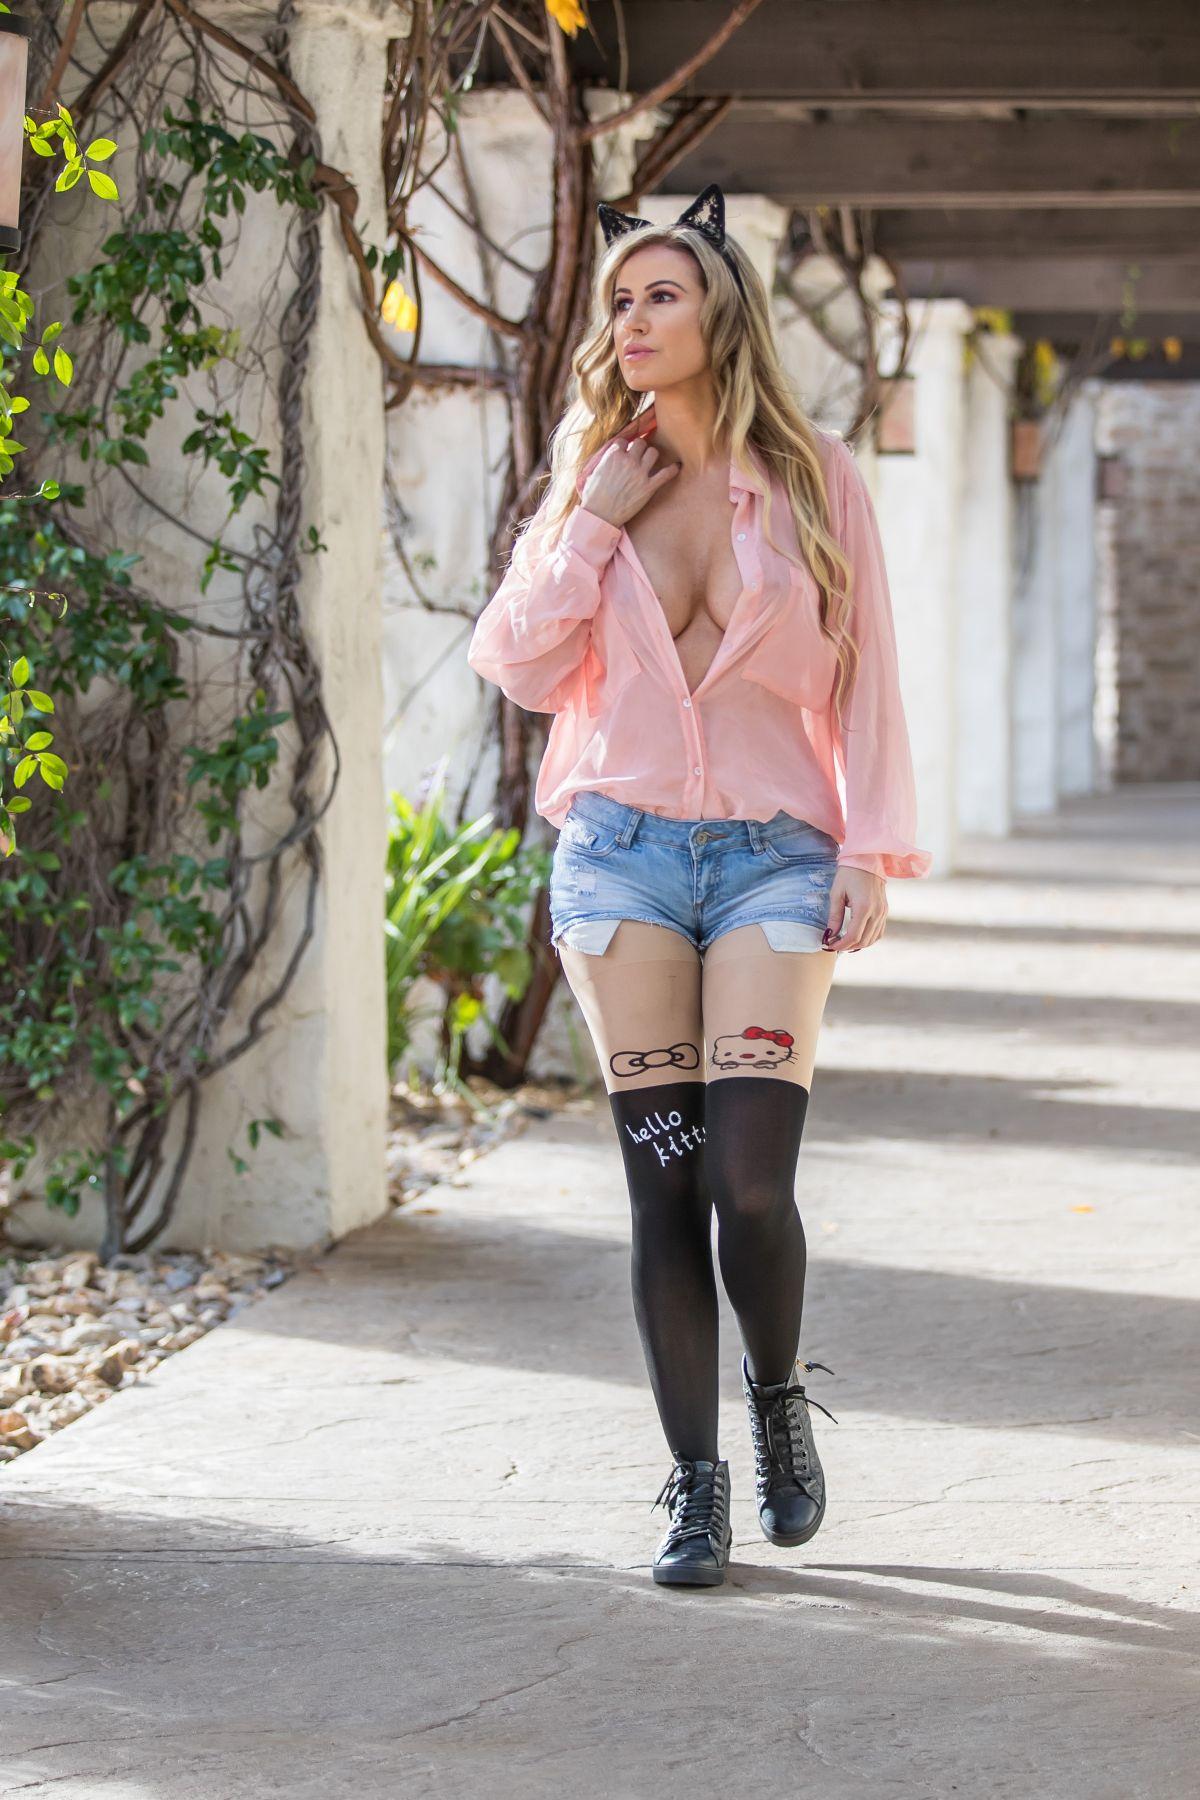 Ana Braga Denim Shorts Los Angeles